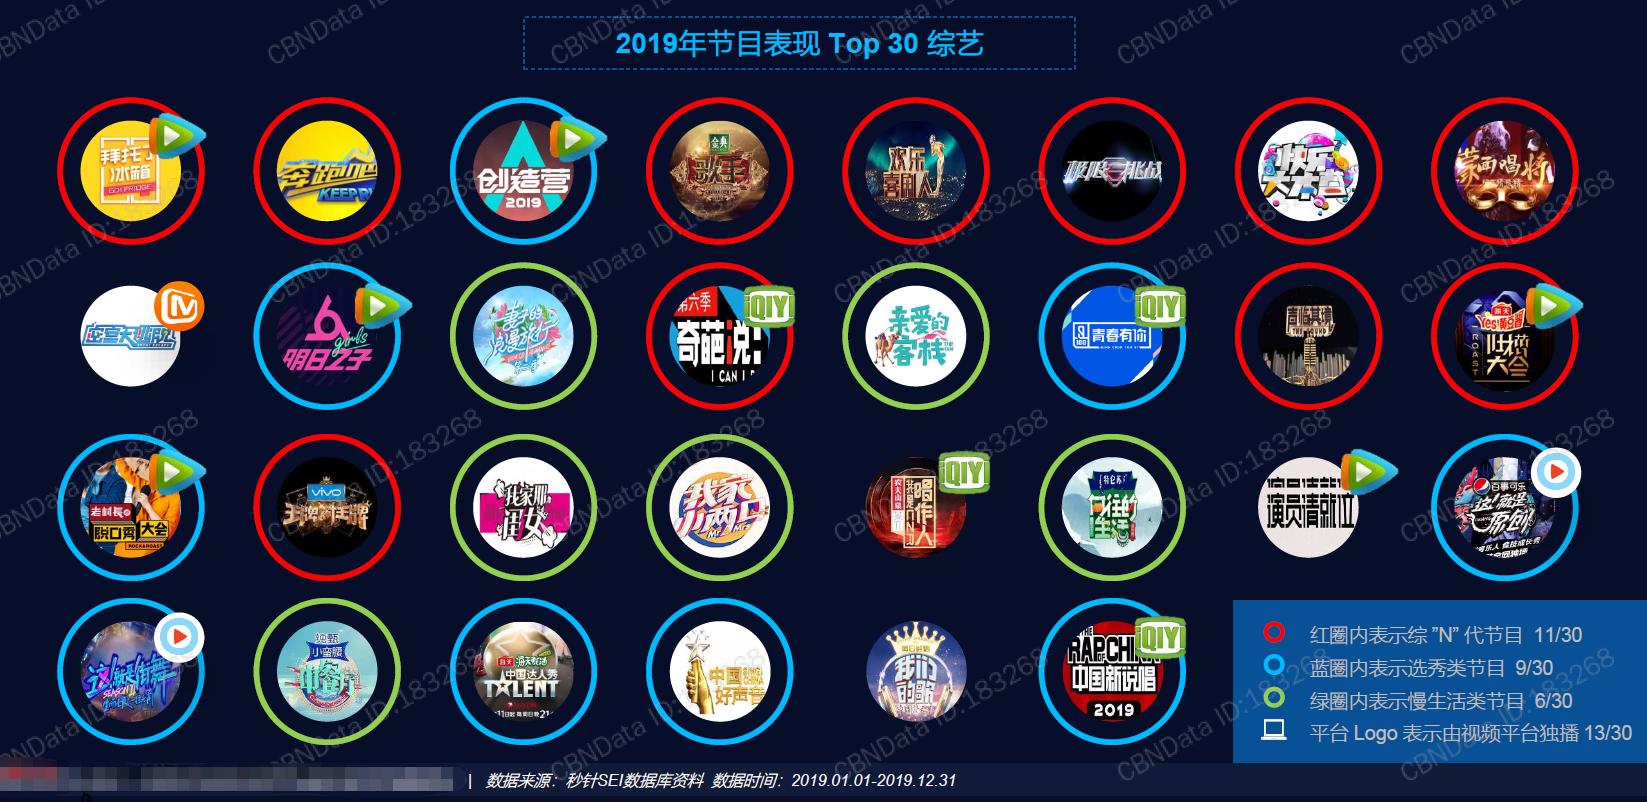 综艺赛道四国大战 芒果TV能否携姐姐们的选秀突围?